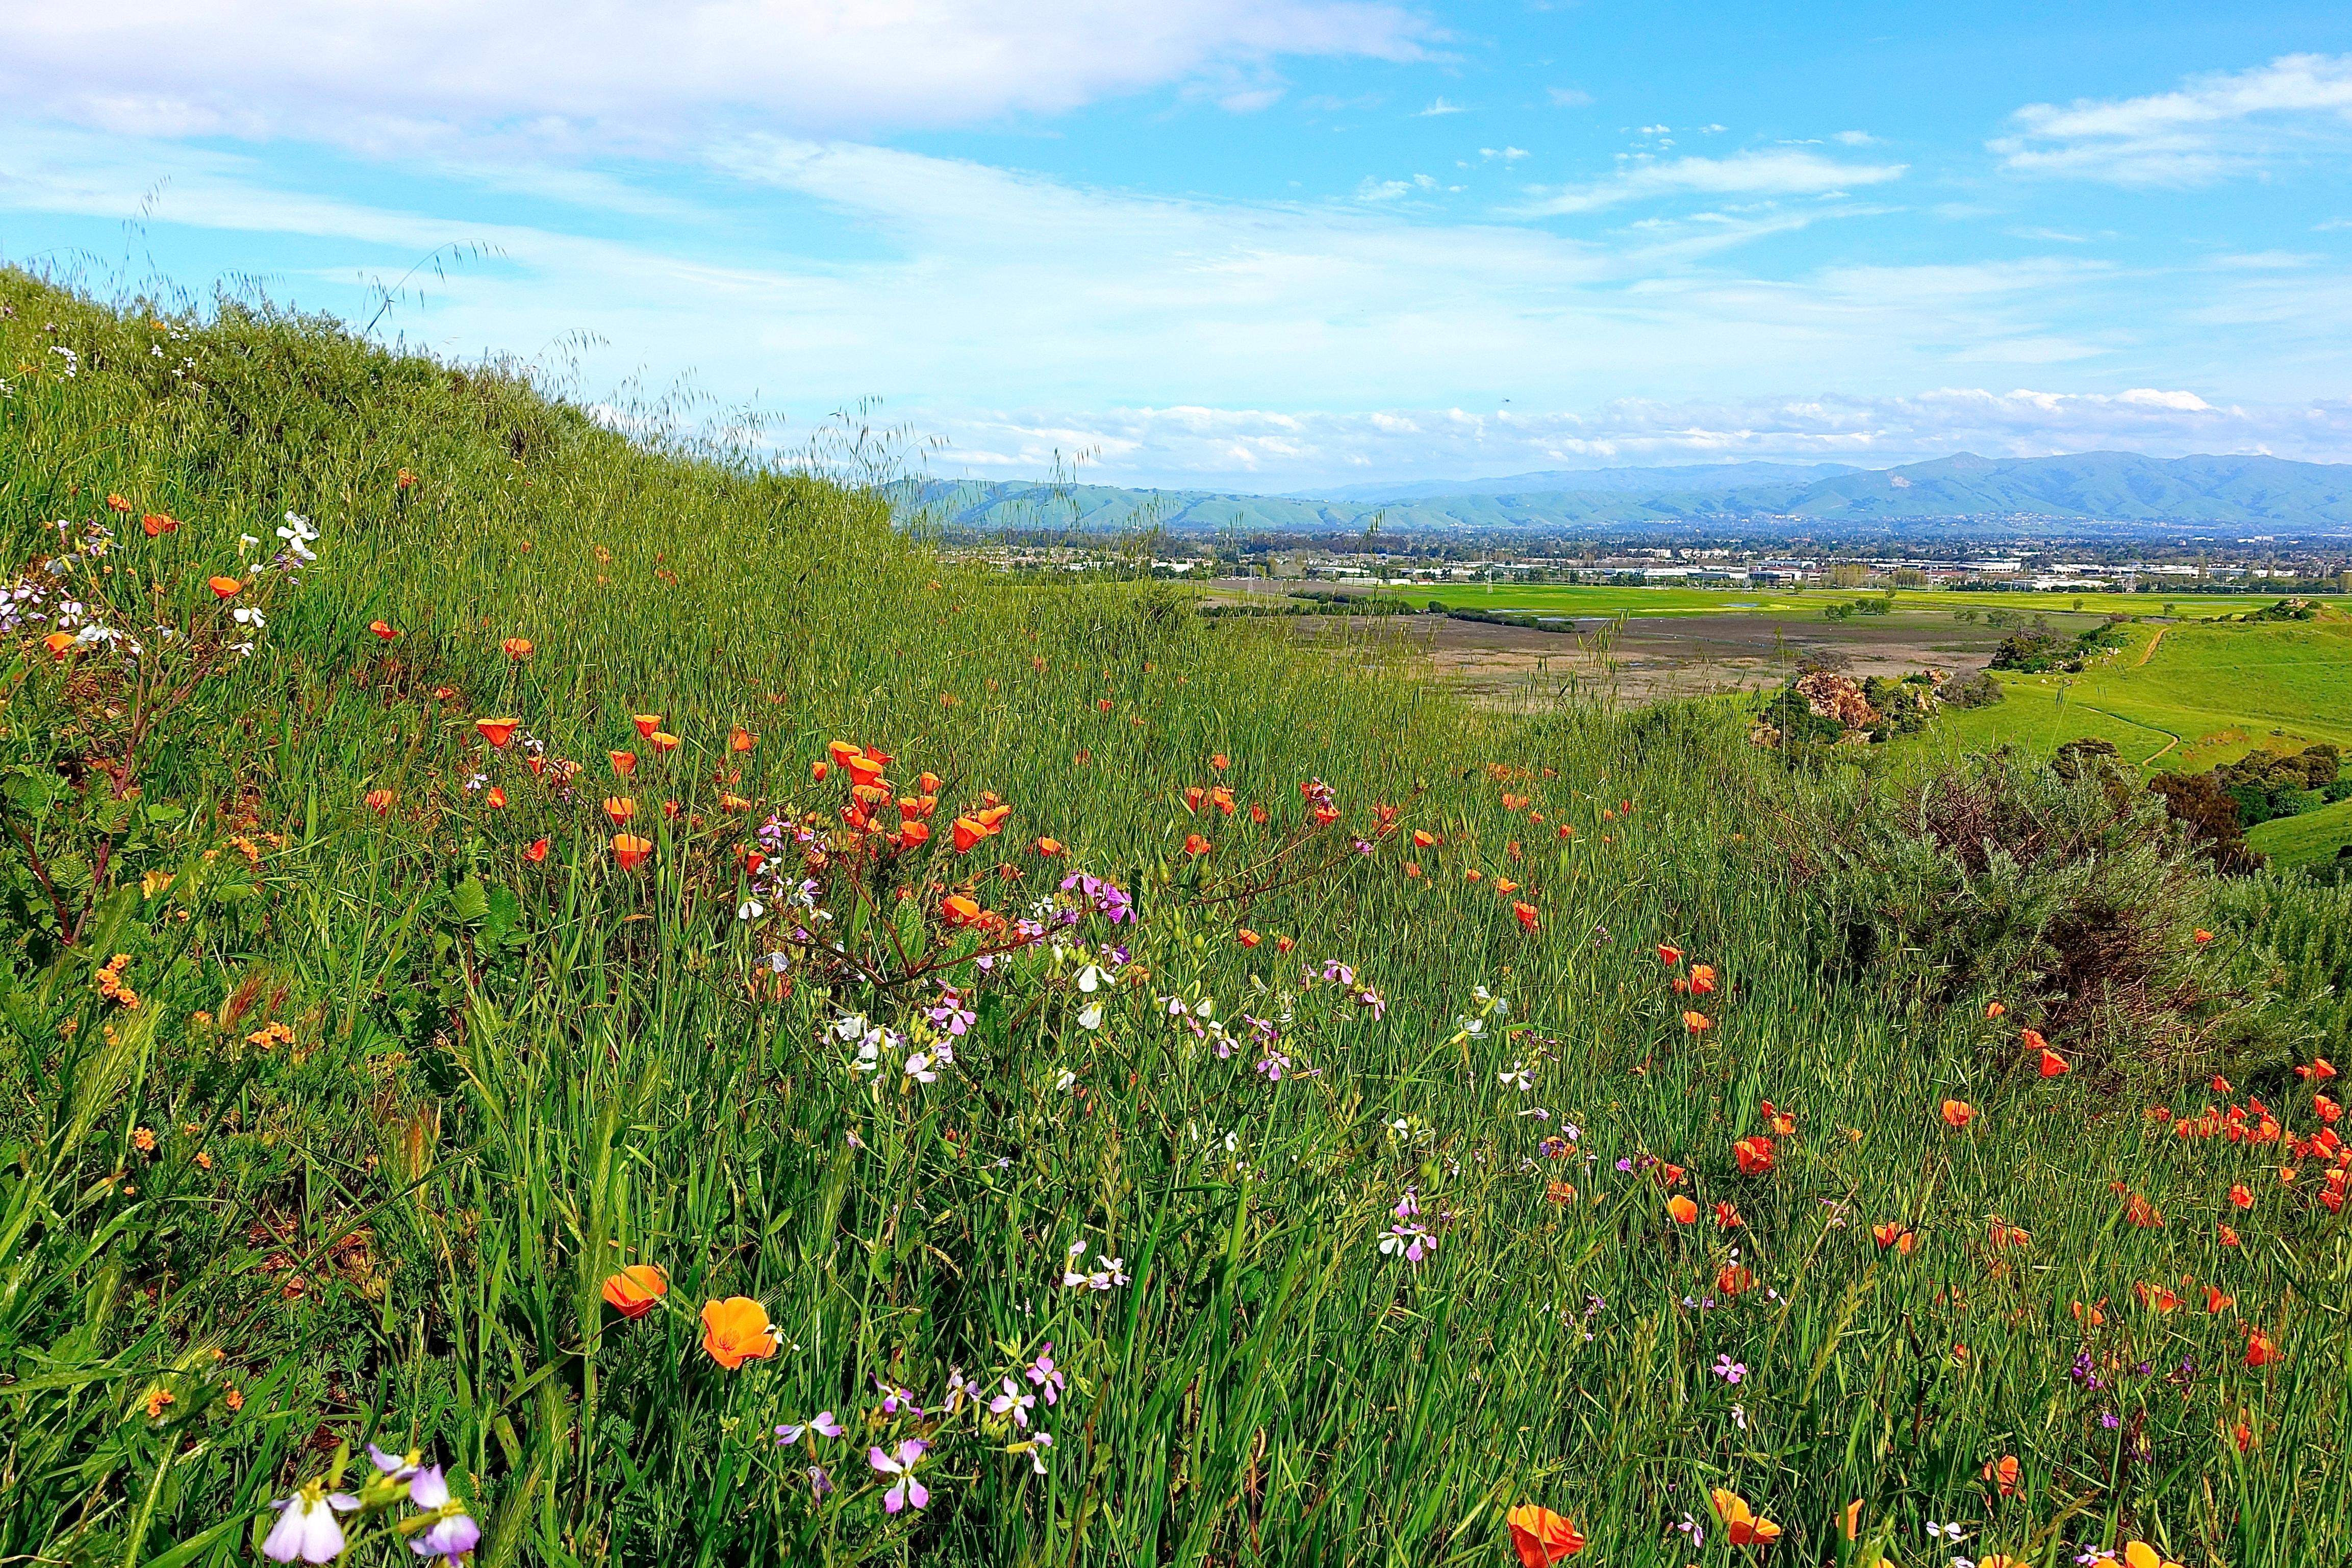 Spring Wildflowers in Coyote Hills Regional Park